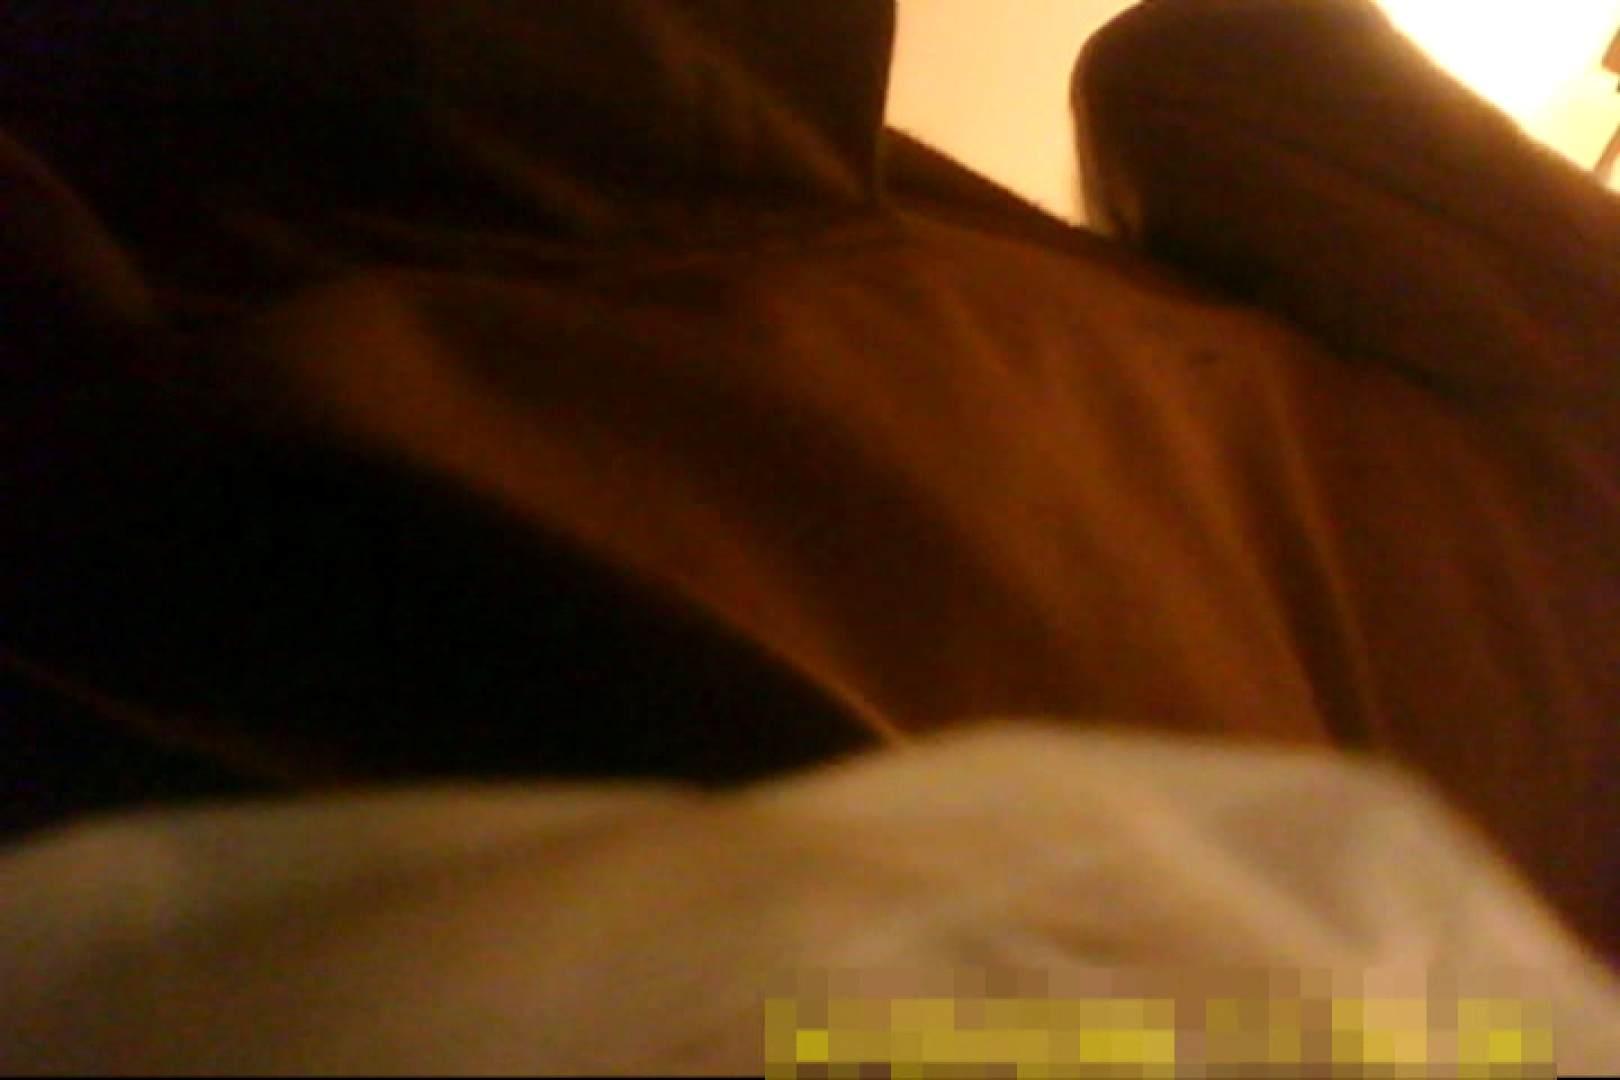 魅惑の化粧室~禁断のプライベート空間~vol.8 洗面所 セックス無修正動画無料 103pic 95